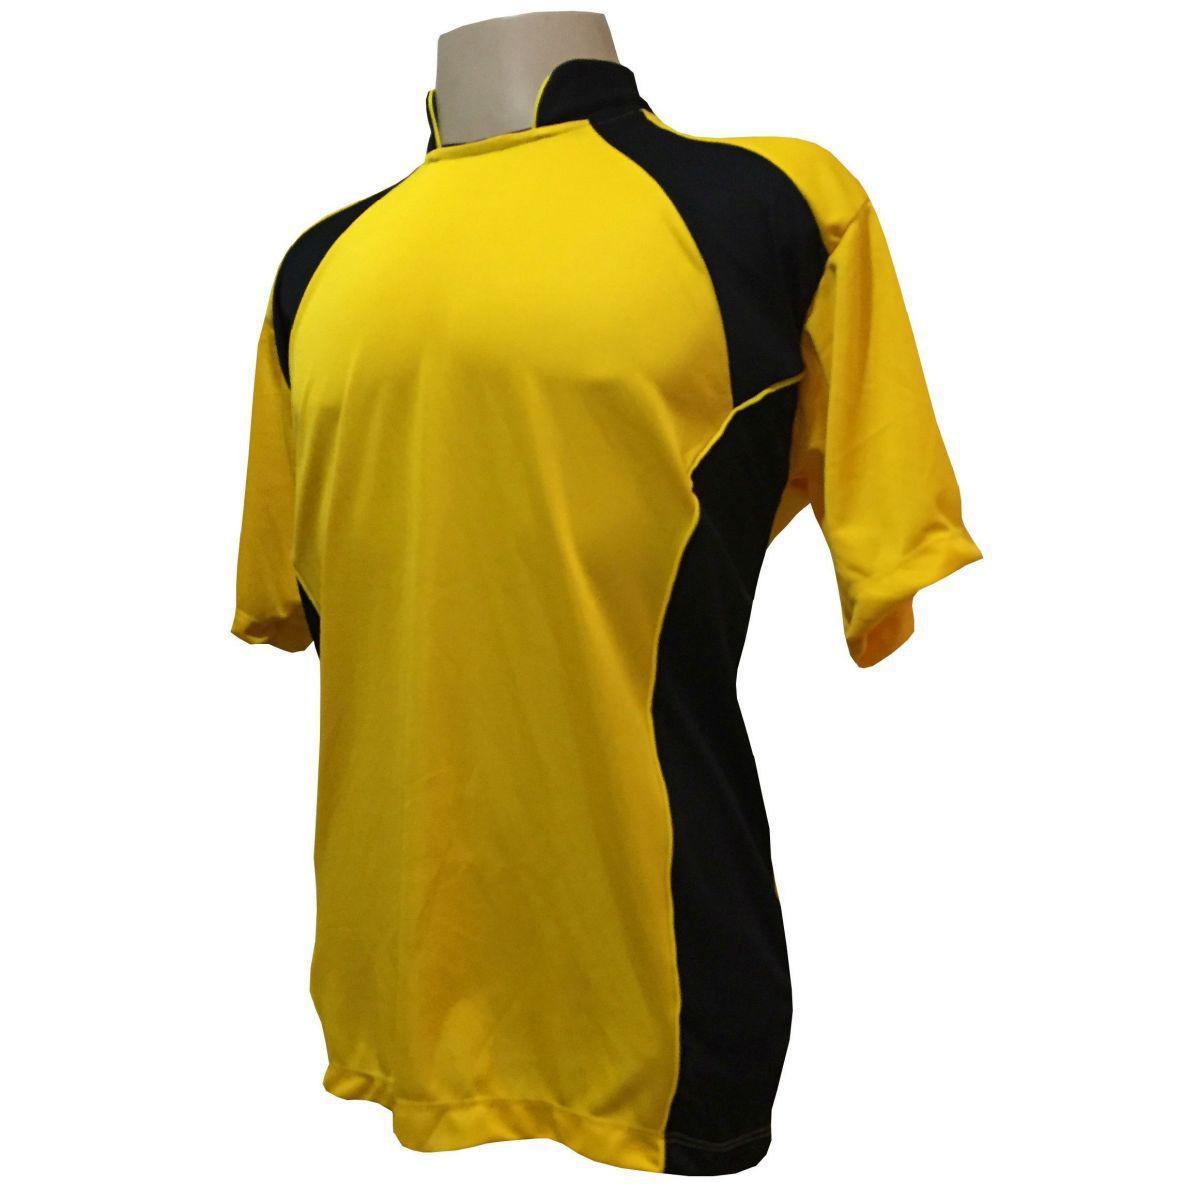 c0d7c56b55 Uniforme Esportivo com 14 camisas modelo Suécia Amarelo Preto + 14 calções  modelo Madrid + 1 Goleiro + Brindes - Play fair Produto não disponível